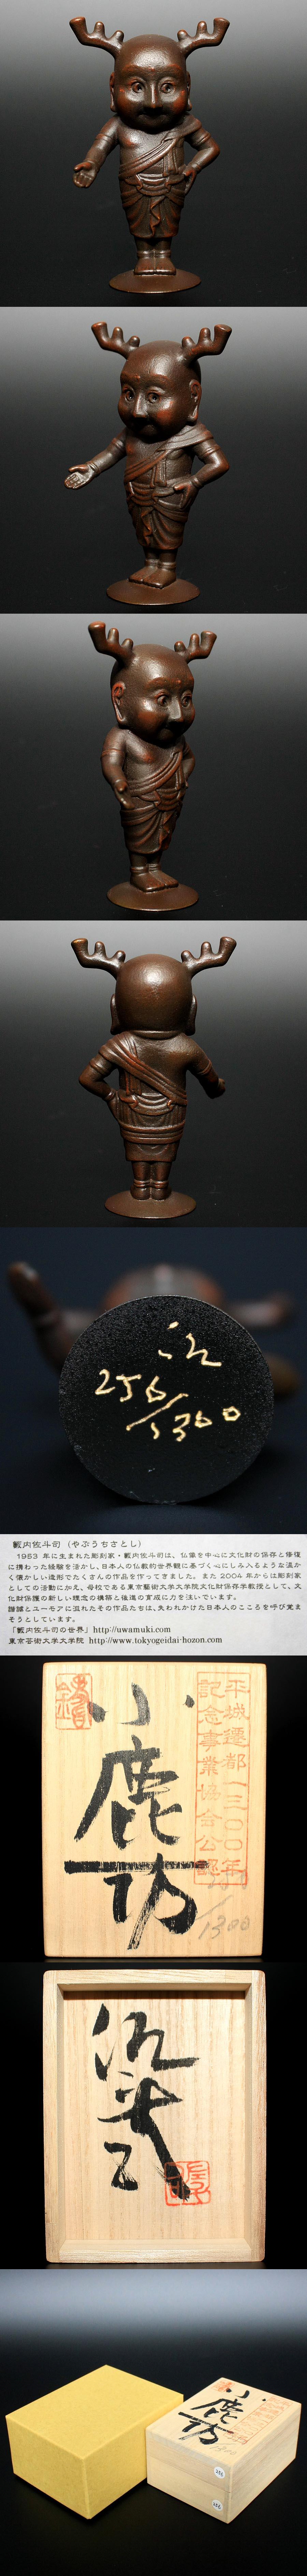 【骨董】【籔内佐斗司】 小鹿坊 256/1300 共箱の詳細